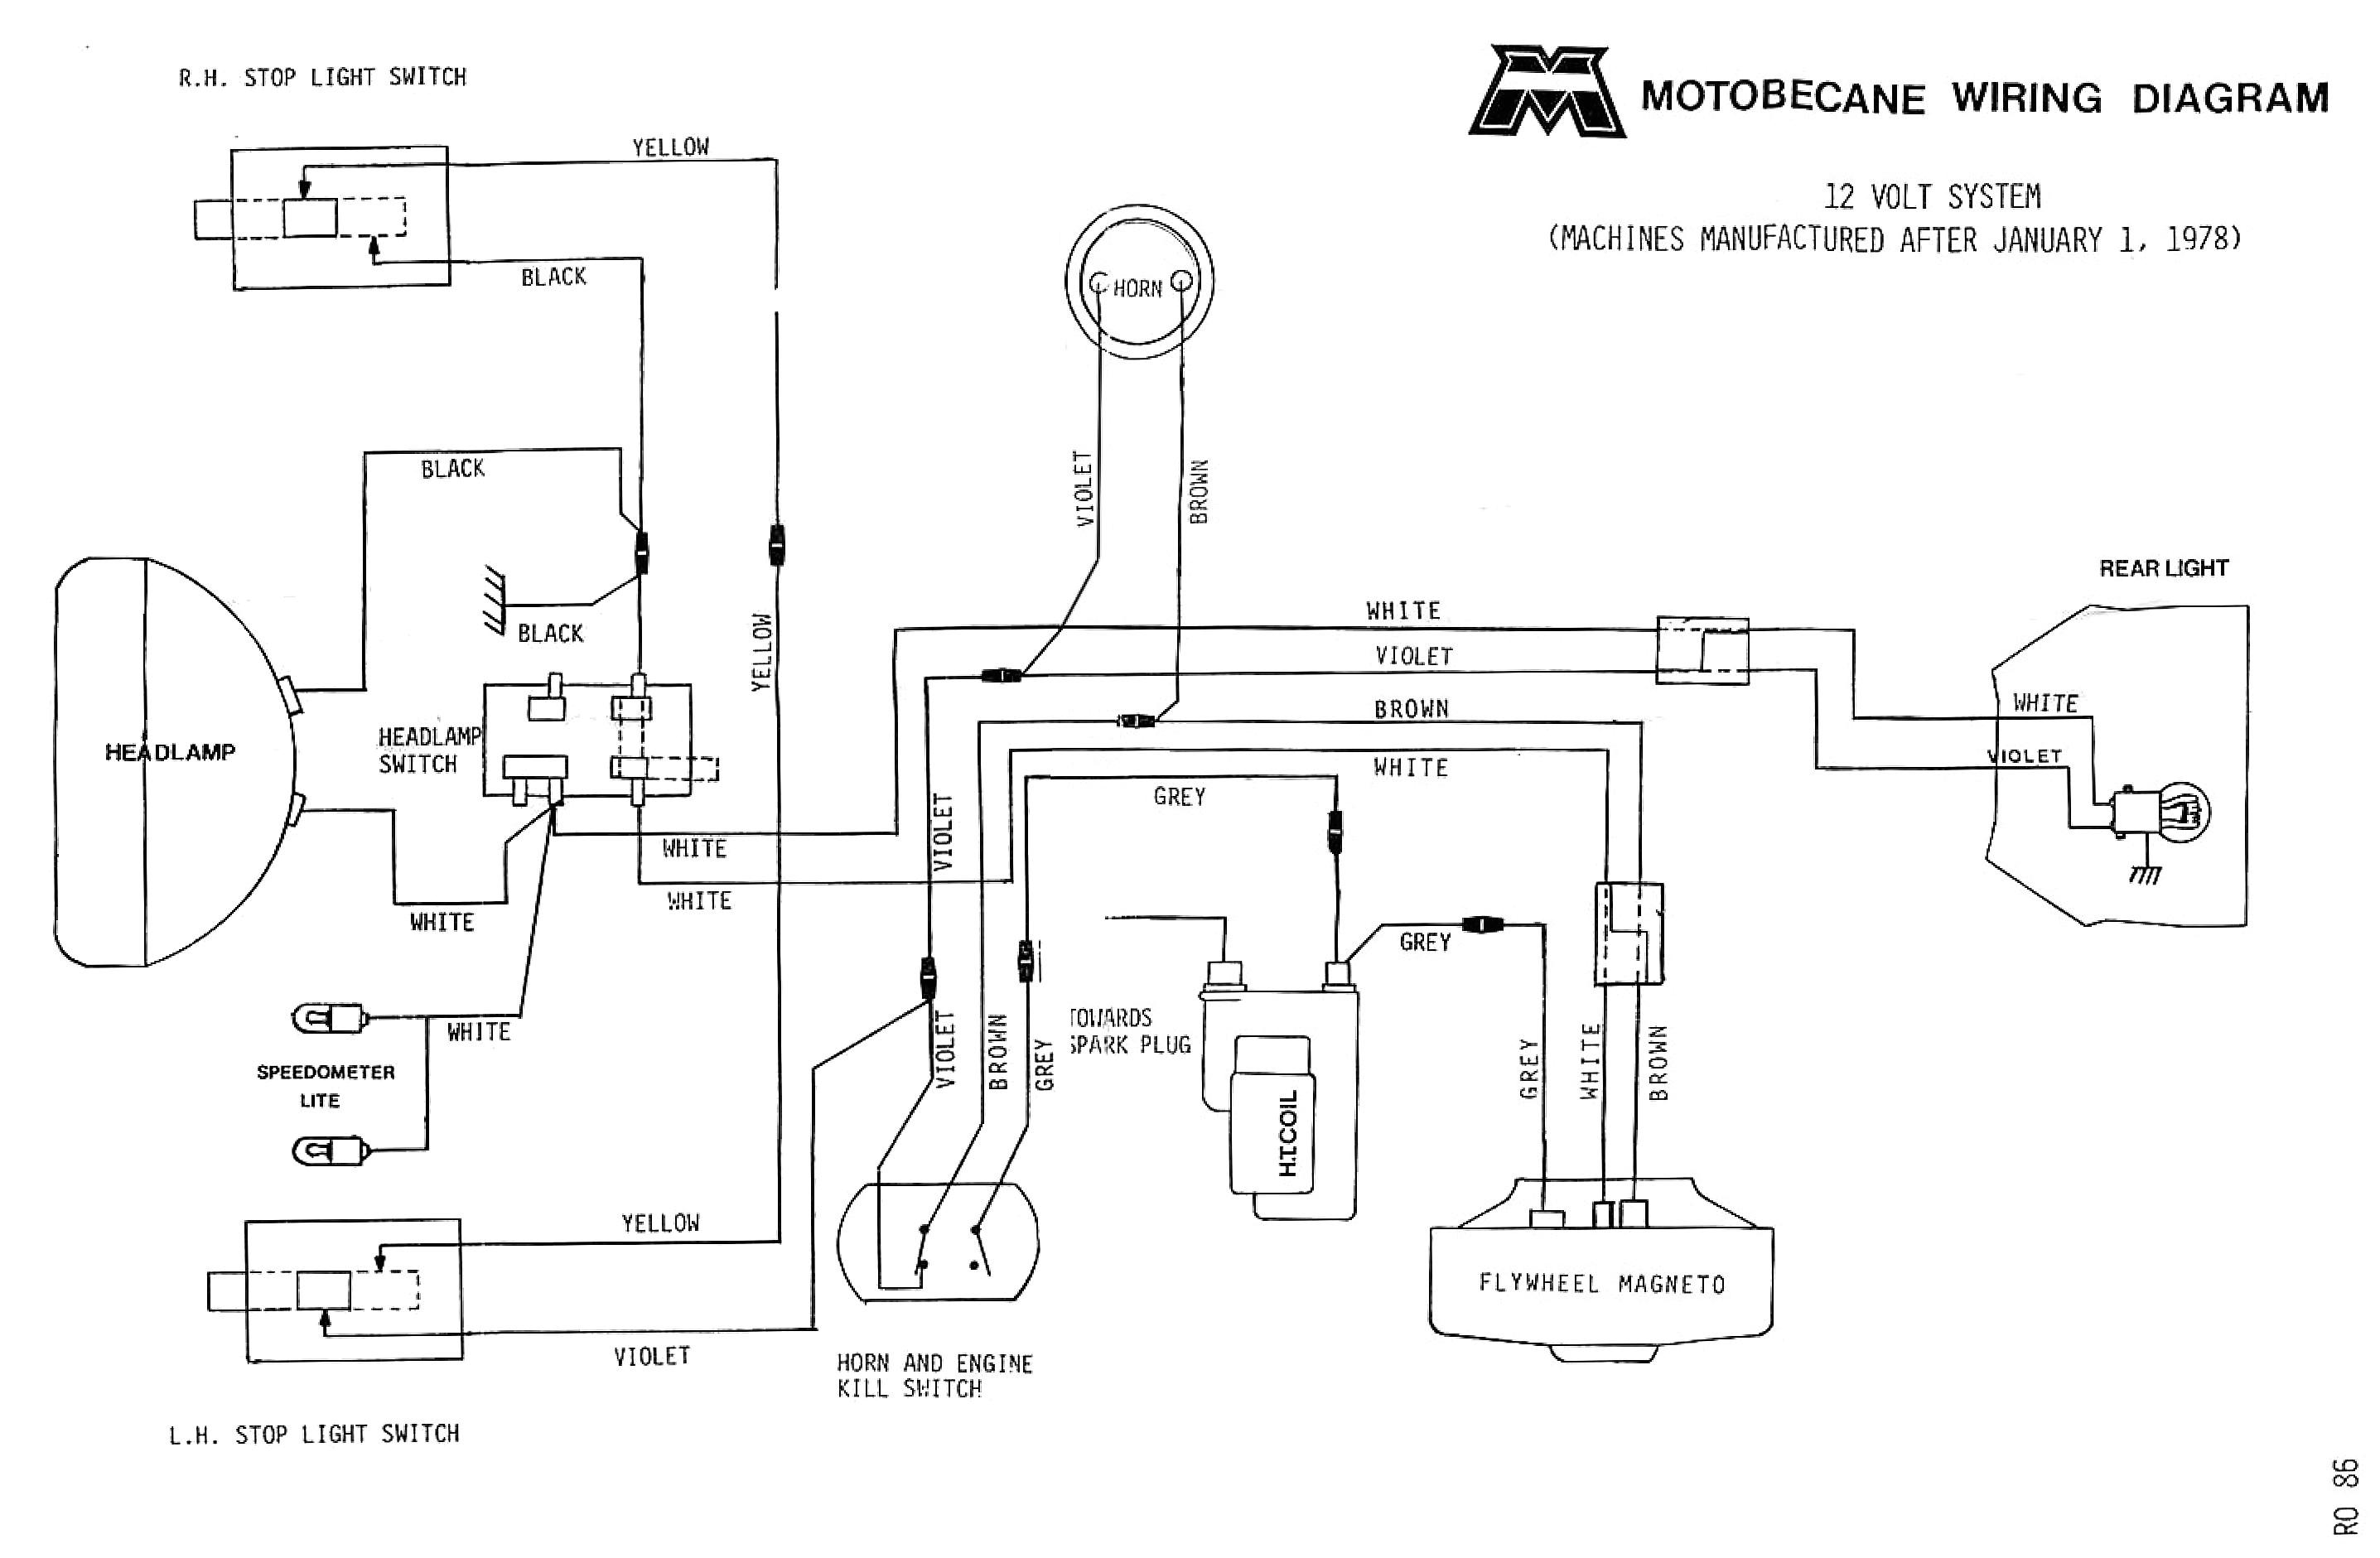 1950 ford wiring diagram schematic data schematic diagram 1950 ford sedan wiring diagram 1950 ford wiring diagram